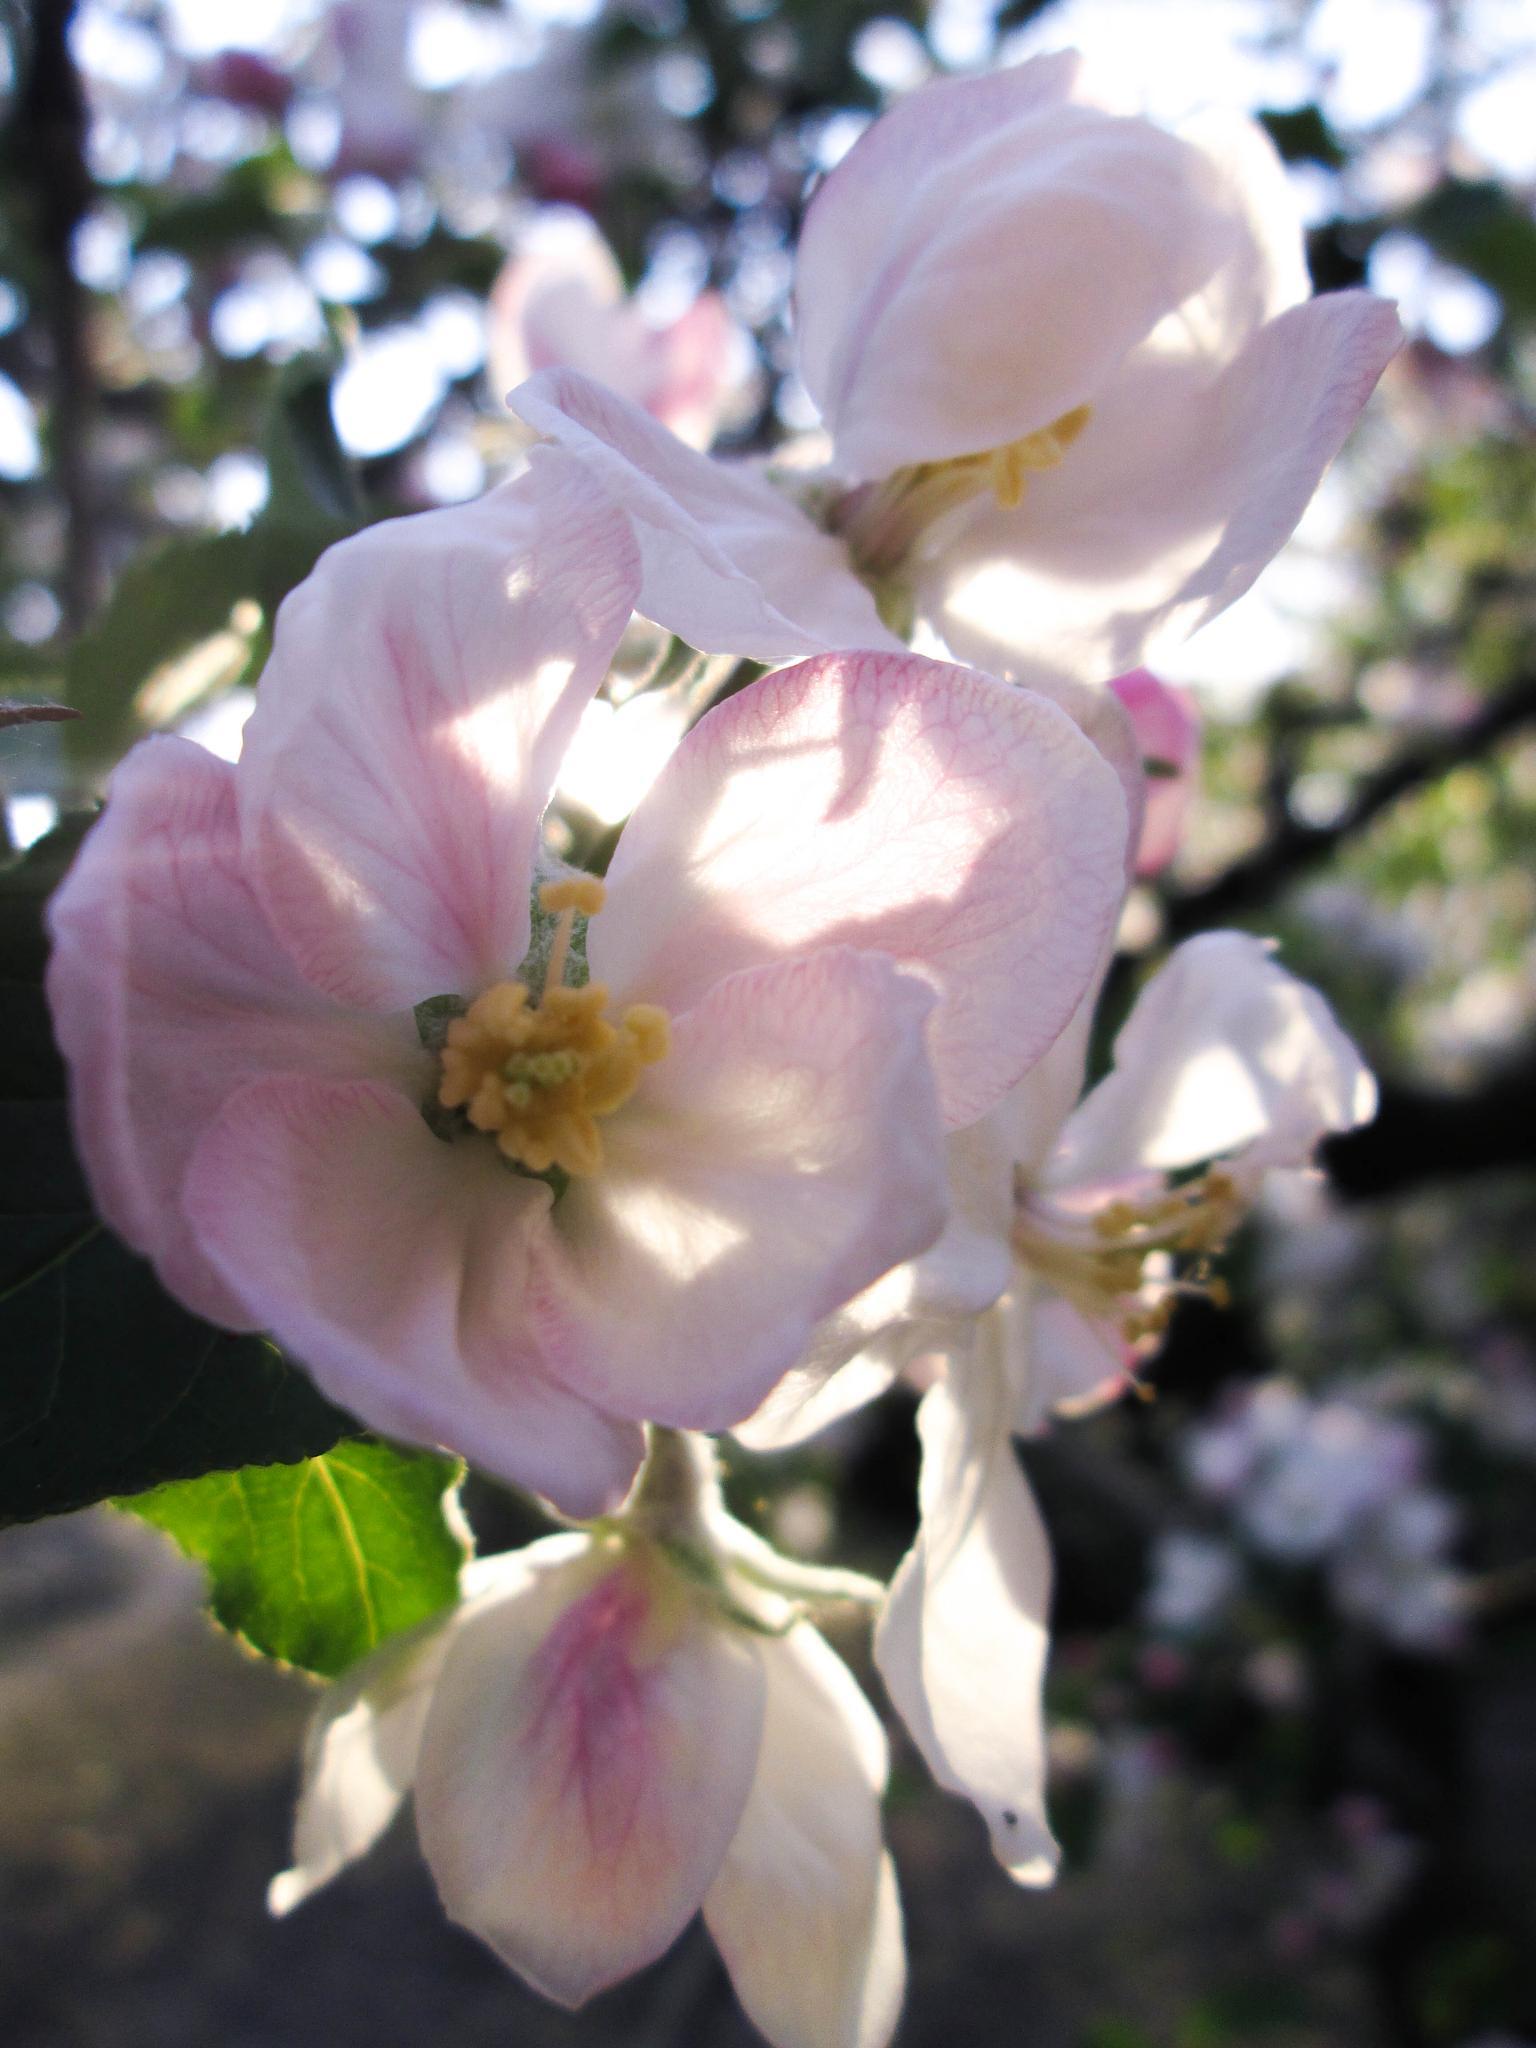 apple tree flowers 3 by Bucur Stefan